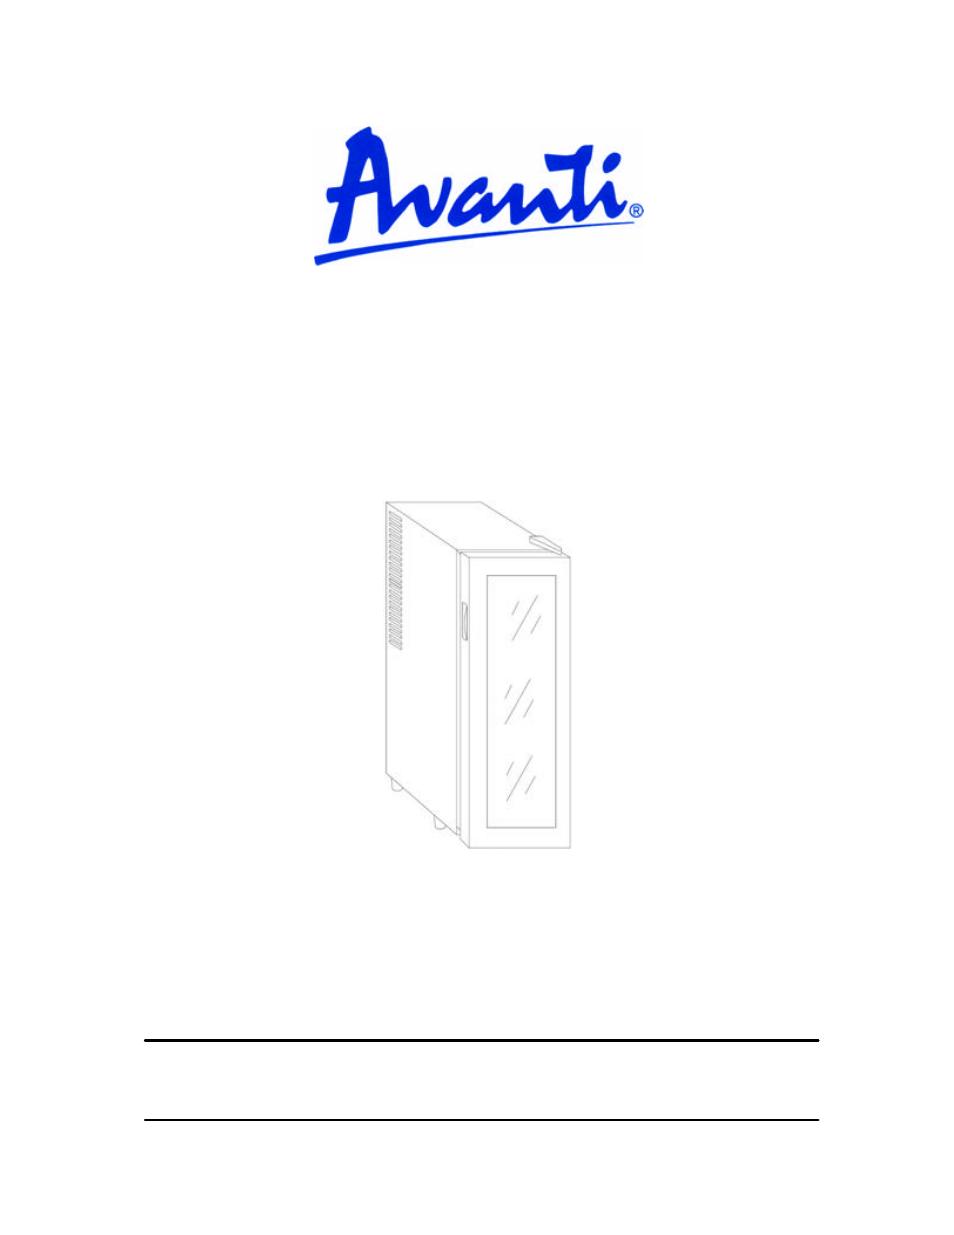 avanti ewc12 ewc120b user manual 18 pages rh manualsdir com avanti 928 treadmill instruction manual User Manual